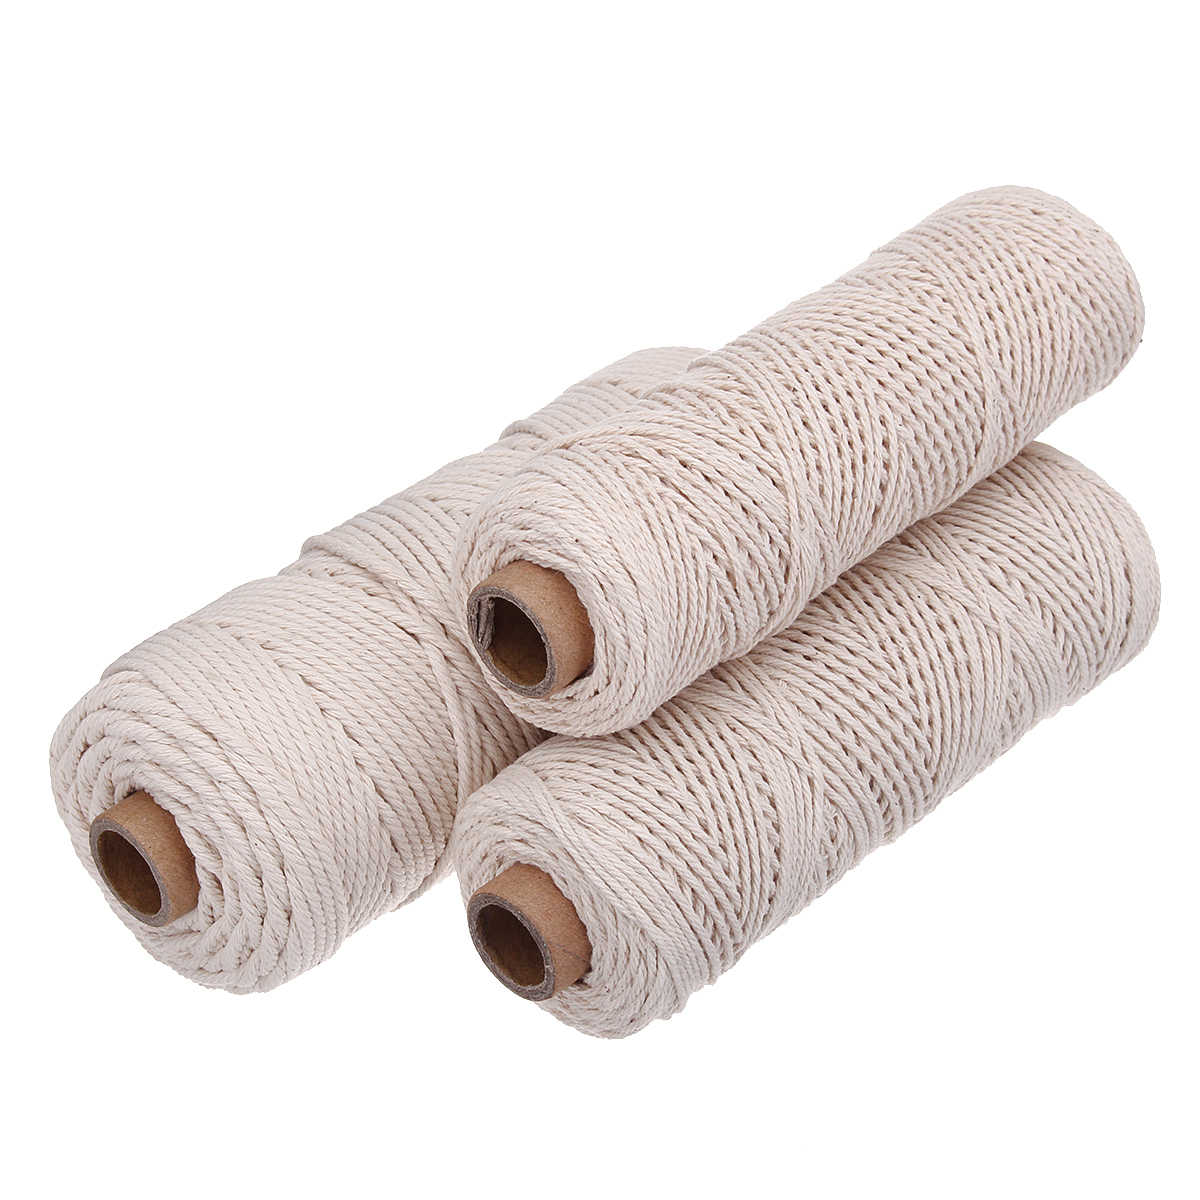 1/2/3mm Durchmesser Weiß Beige 100 M Baumwolle Verdreht Kabel Seil Handwerk Macrame Artcraft String DIY handmade Geflochtene Baumwolle Schnur